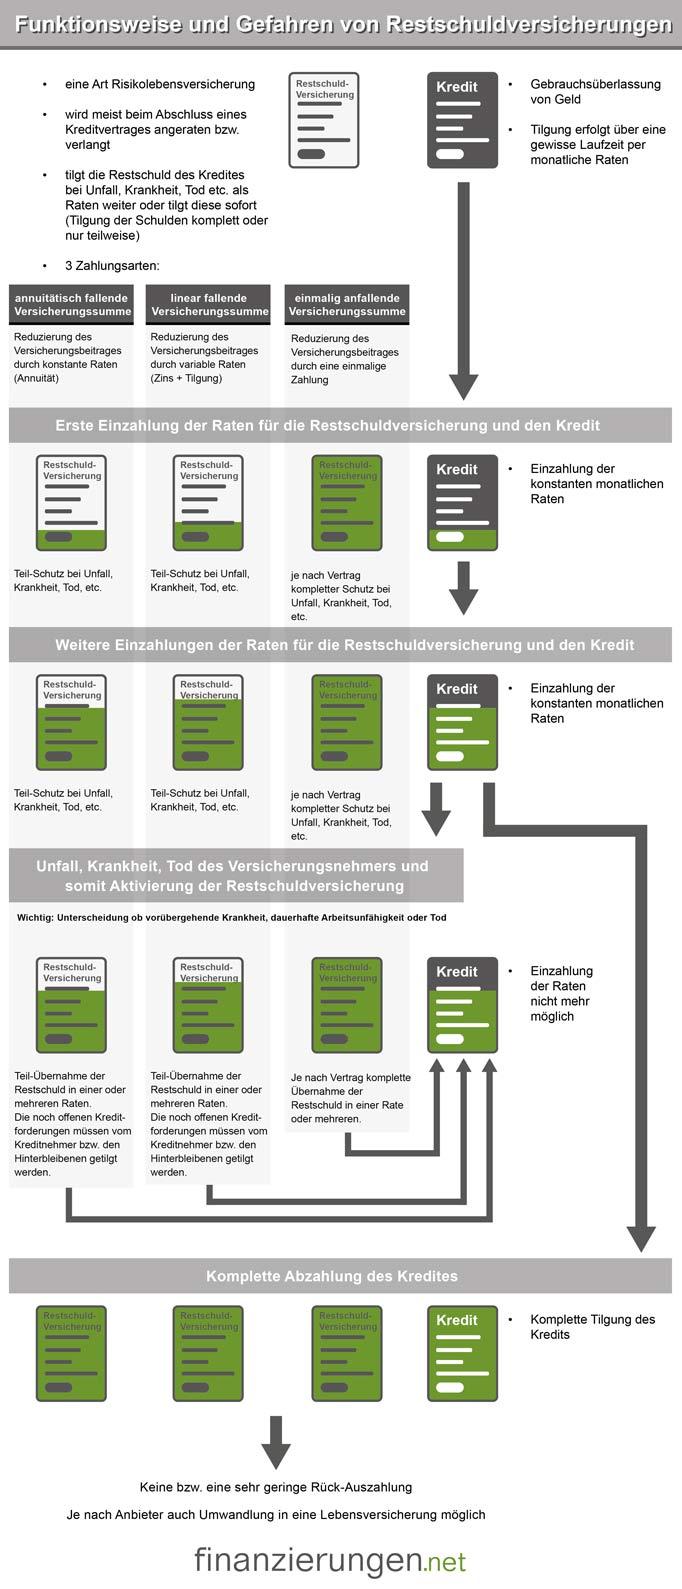 Grafik zur Restschuldversicherung: Funktionsweise und Gefahren